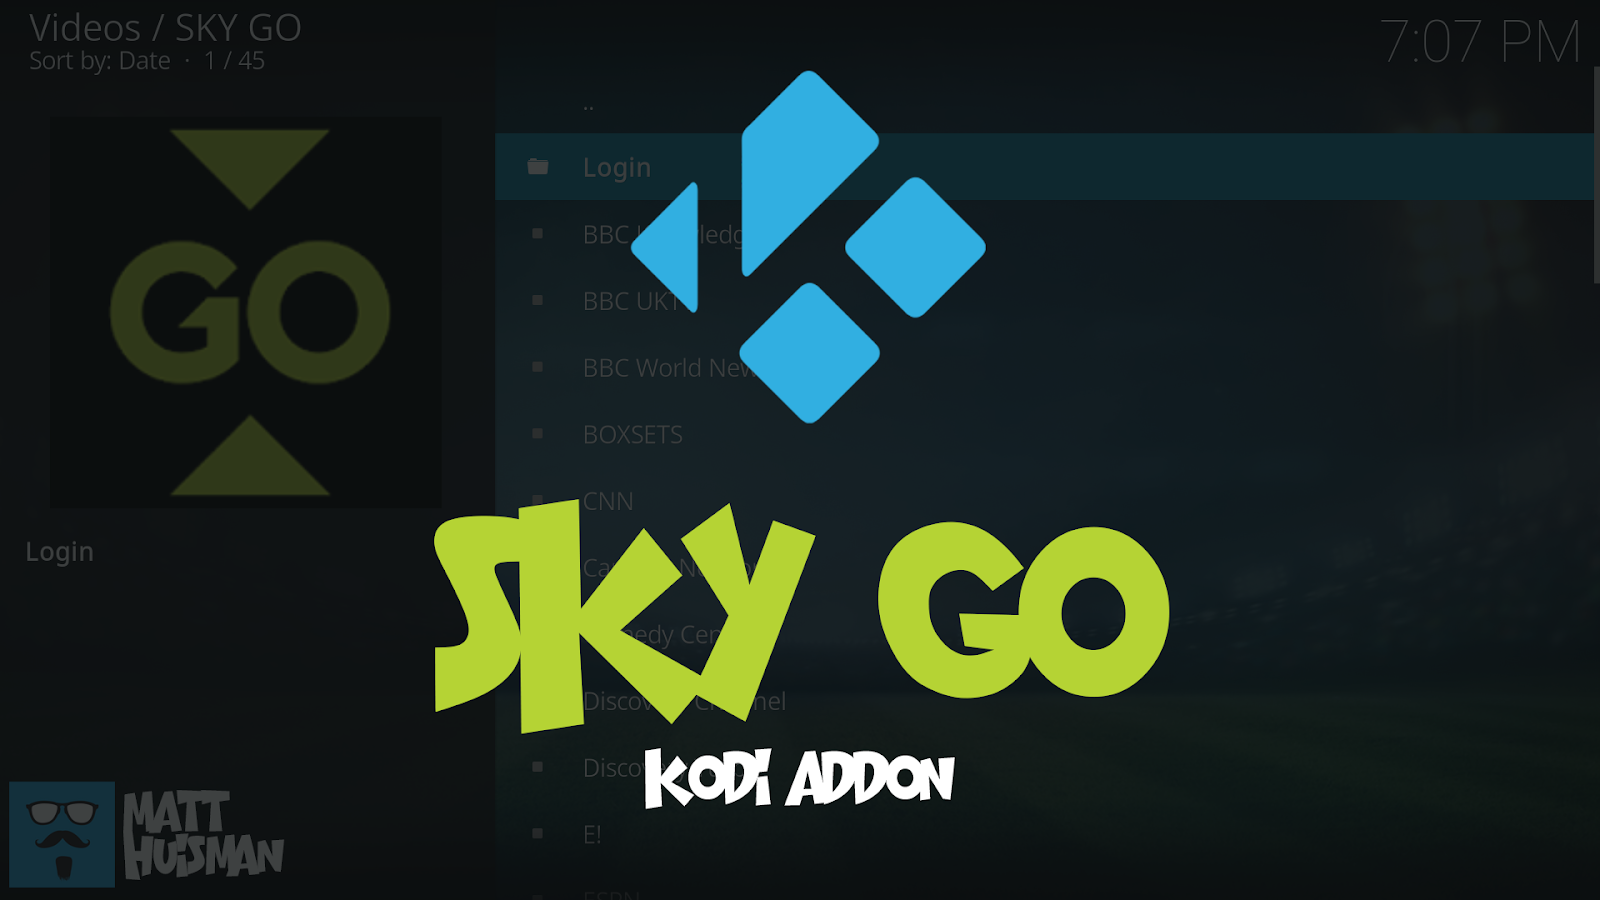 Sky Go Kodi Add-on